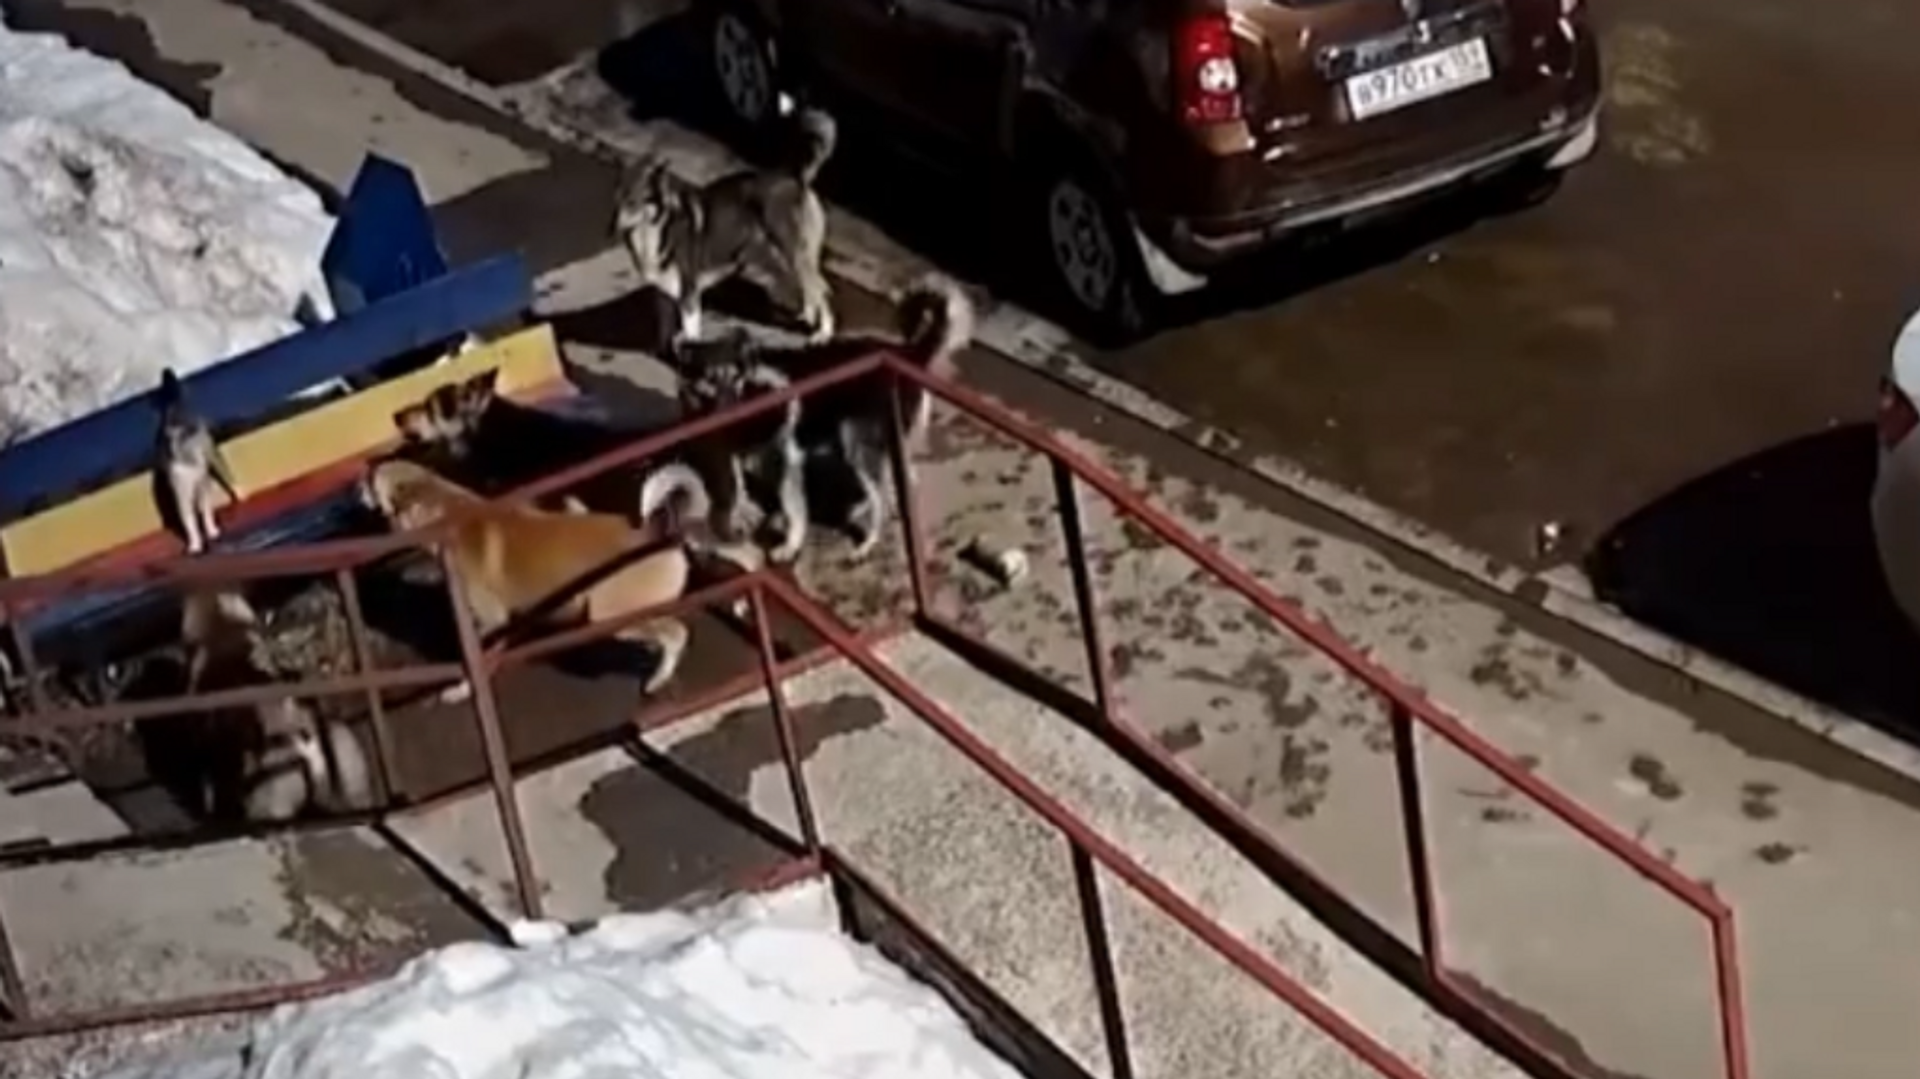 Un valiente gato se enfrenta a una jauría de 7 perros callejeros - Sputnik Mundo, 1920, 03.04.2021